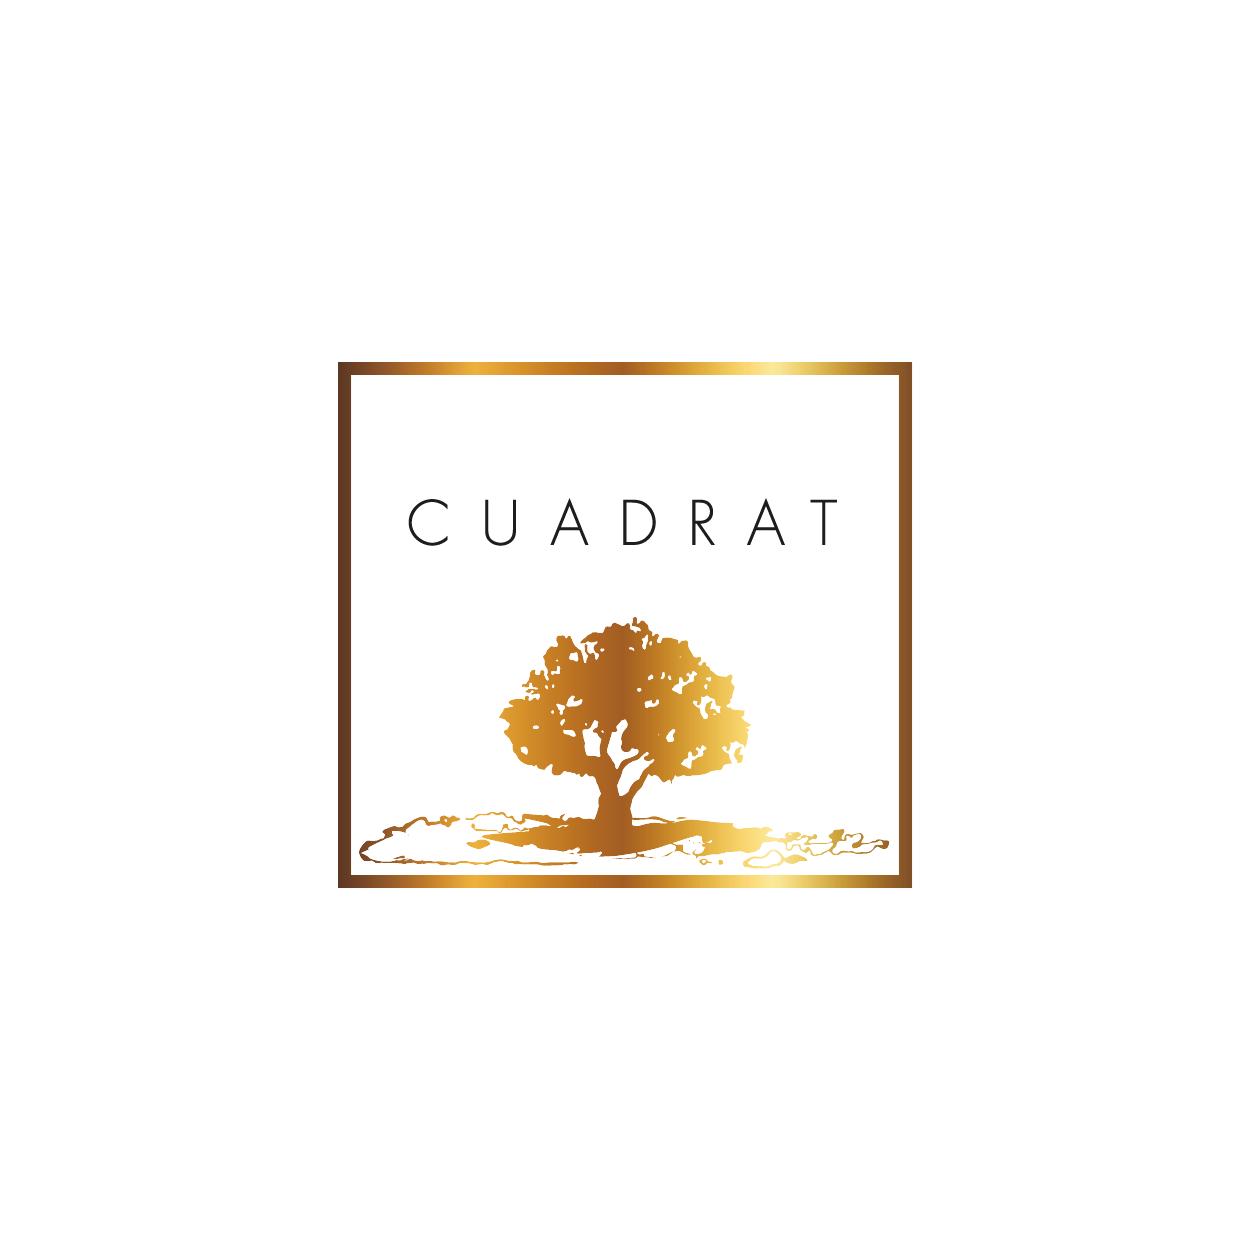 CUADRAT_Plan de travail 1.png